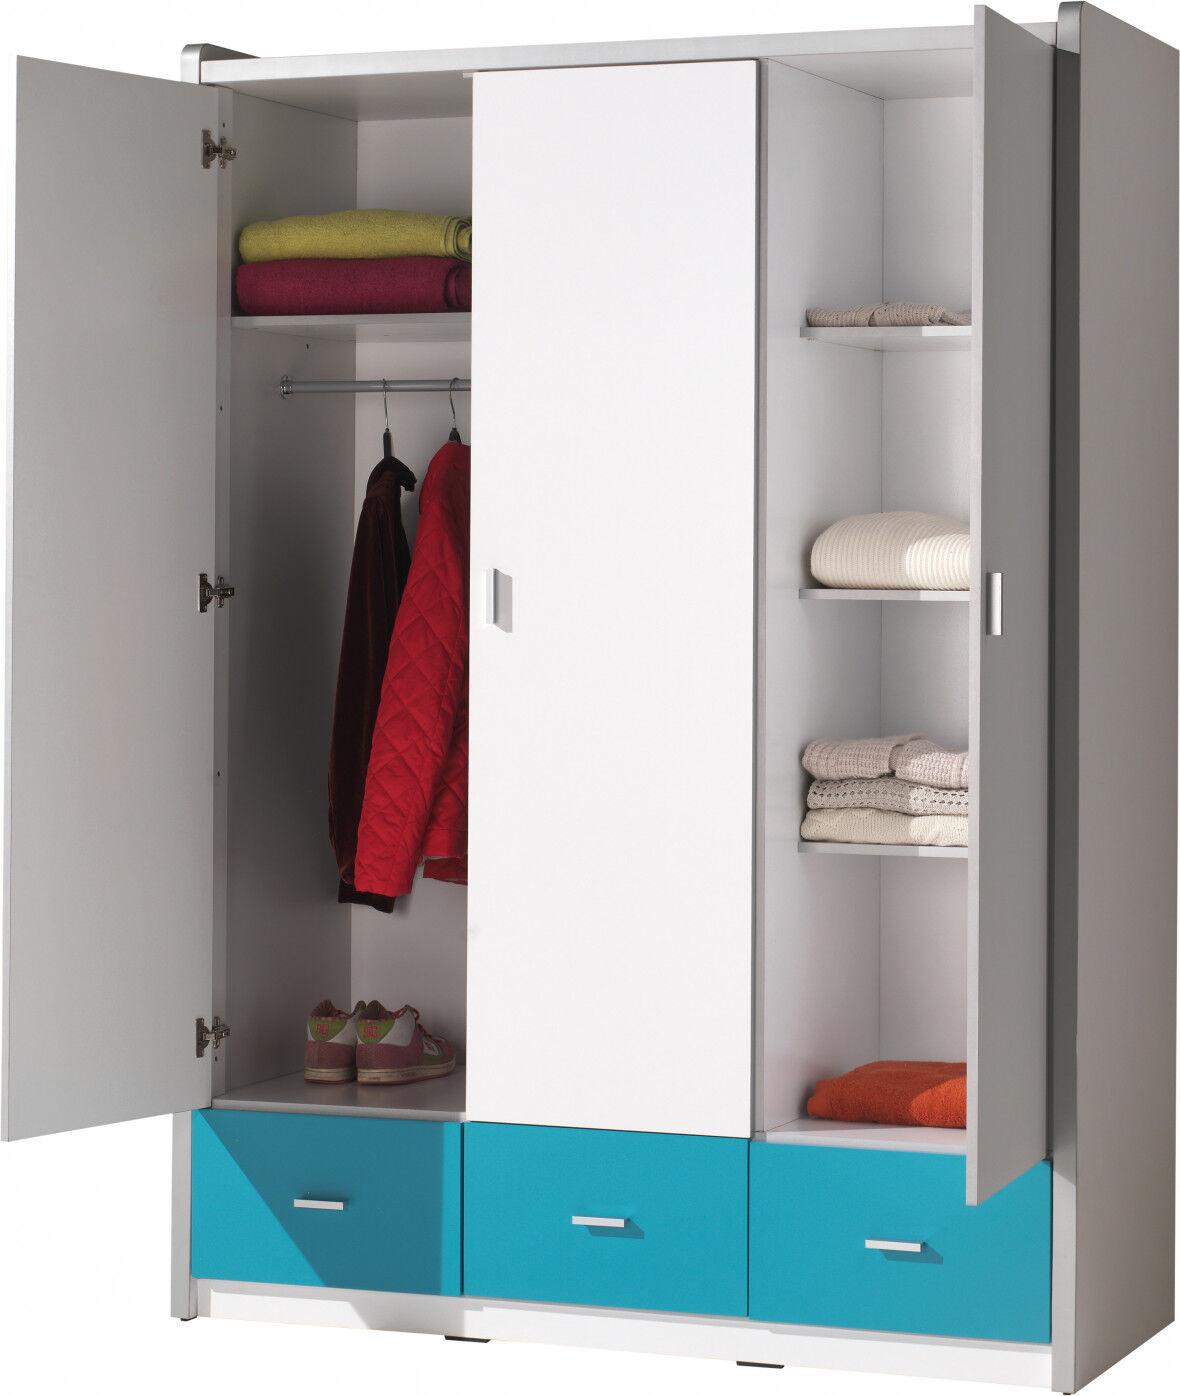 Armoire enfant laqué blanc et bleu turquoise 3 portes 3 tiroirs